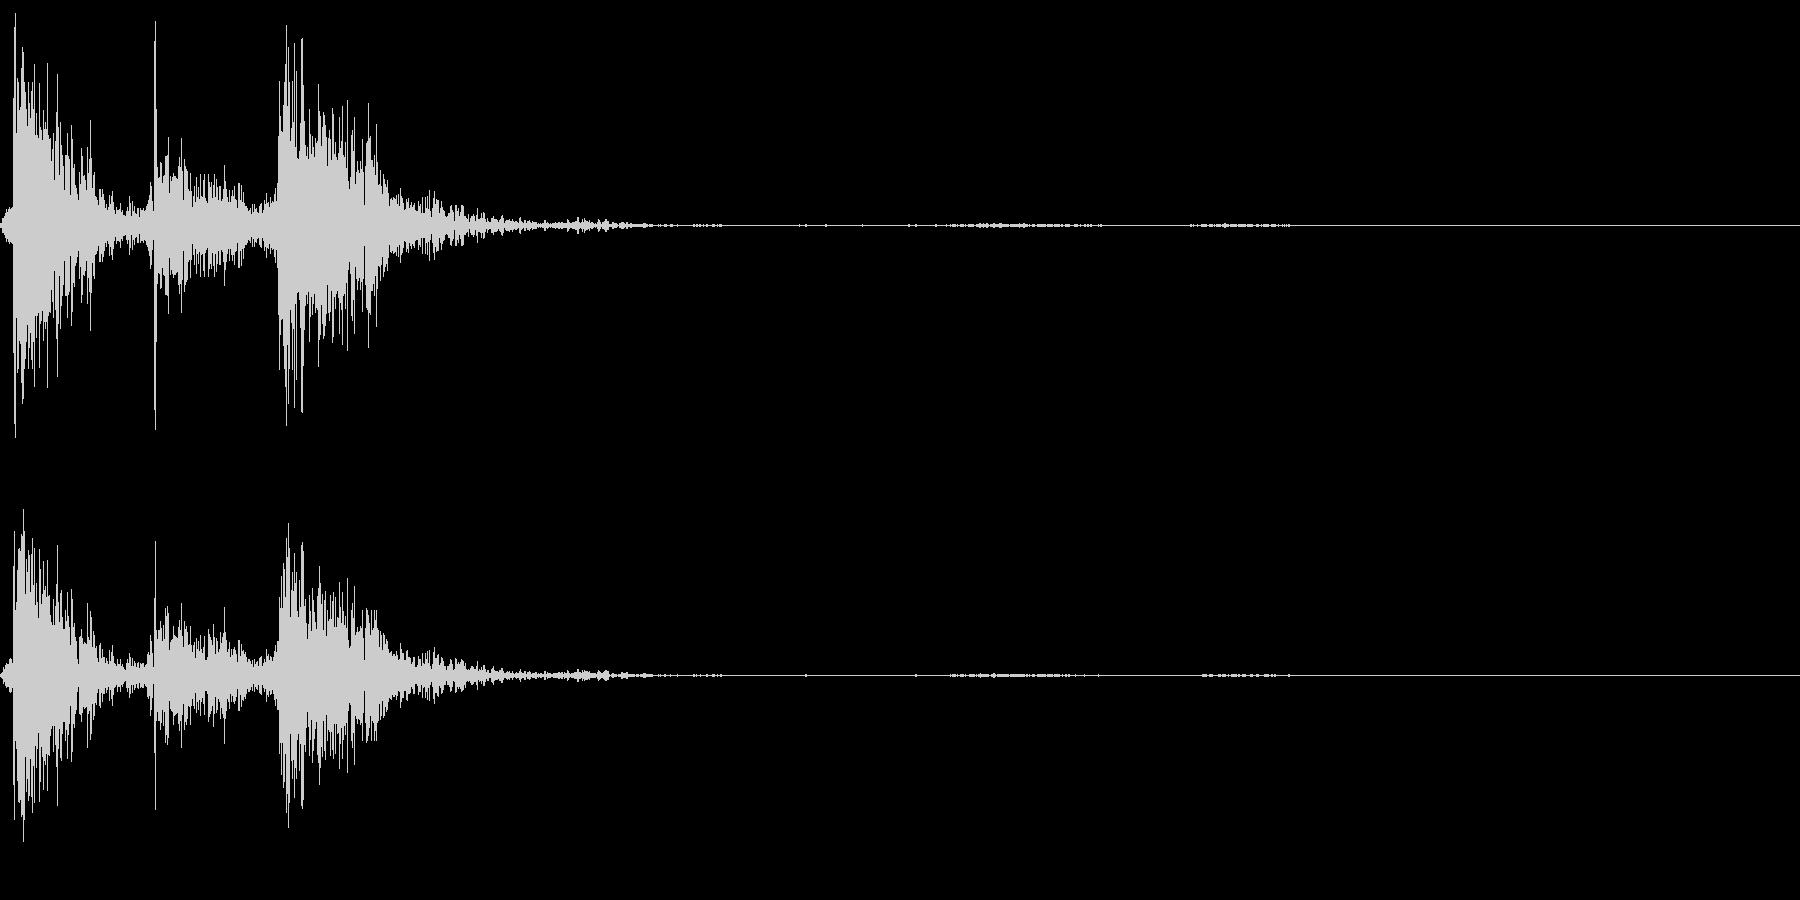 公衆電話の受話器を置く音の未再生の波形